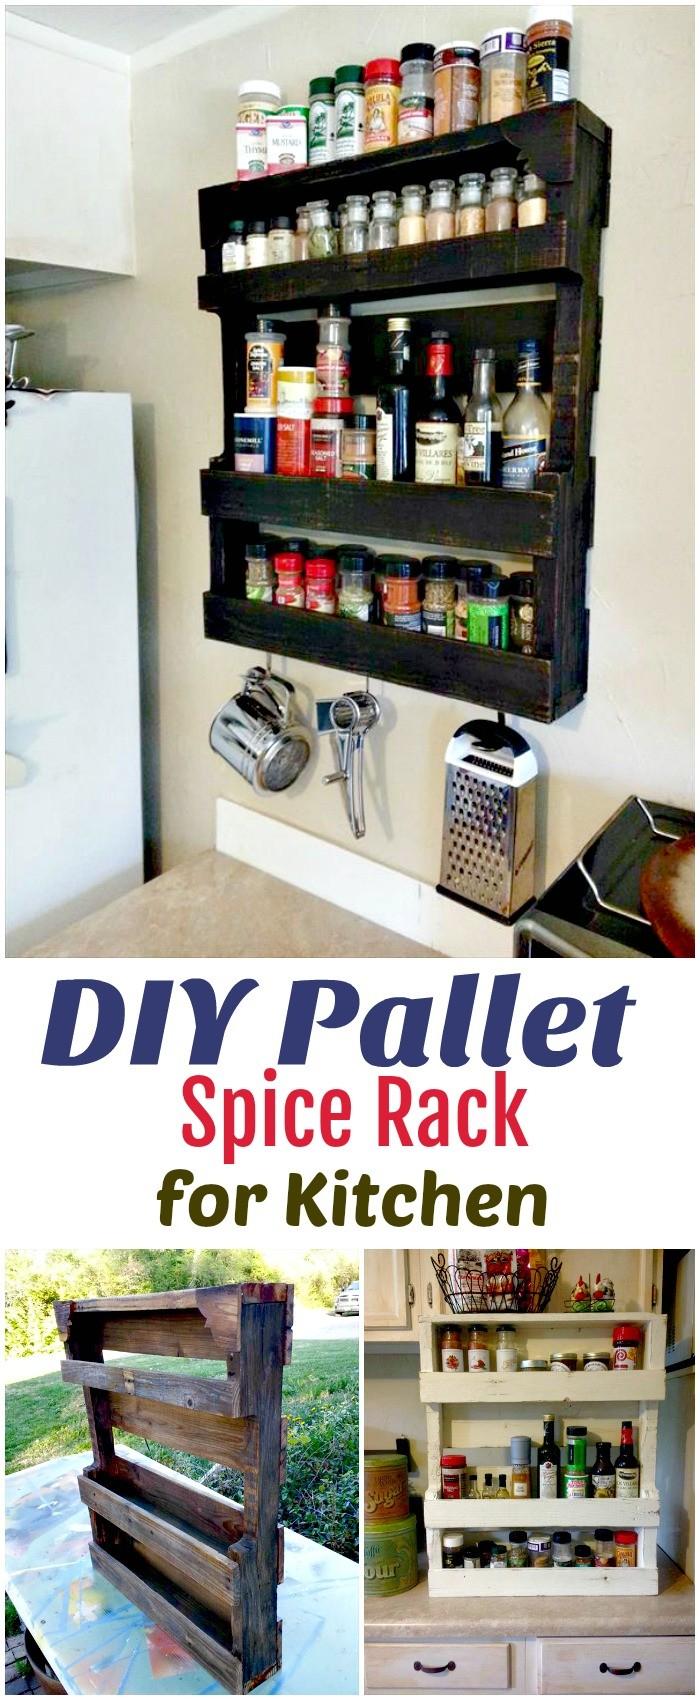 DIY Pallet Ideas To Make Your Kitchen Stunning DIY Pallet Spice Rack for Kitchen